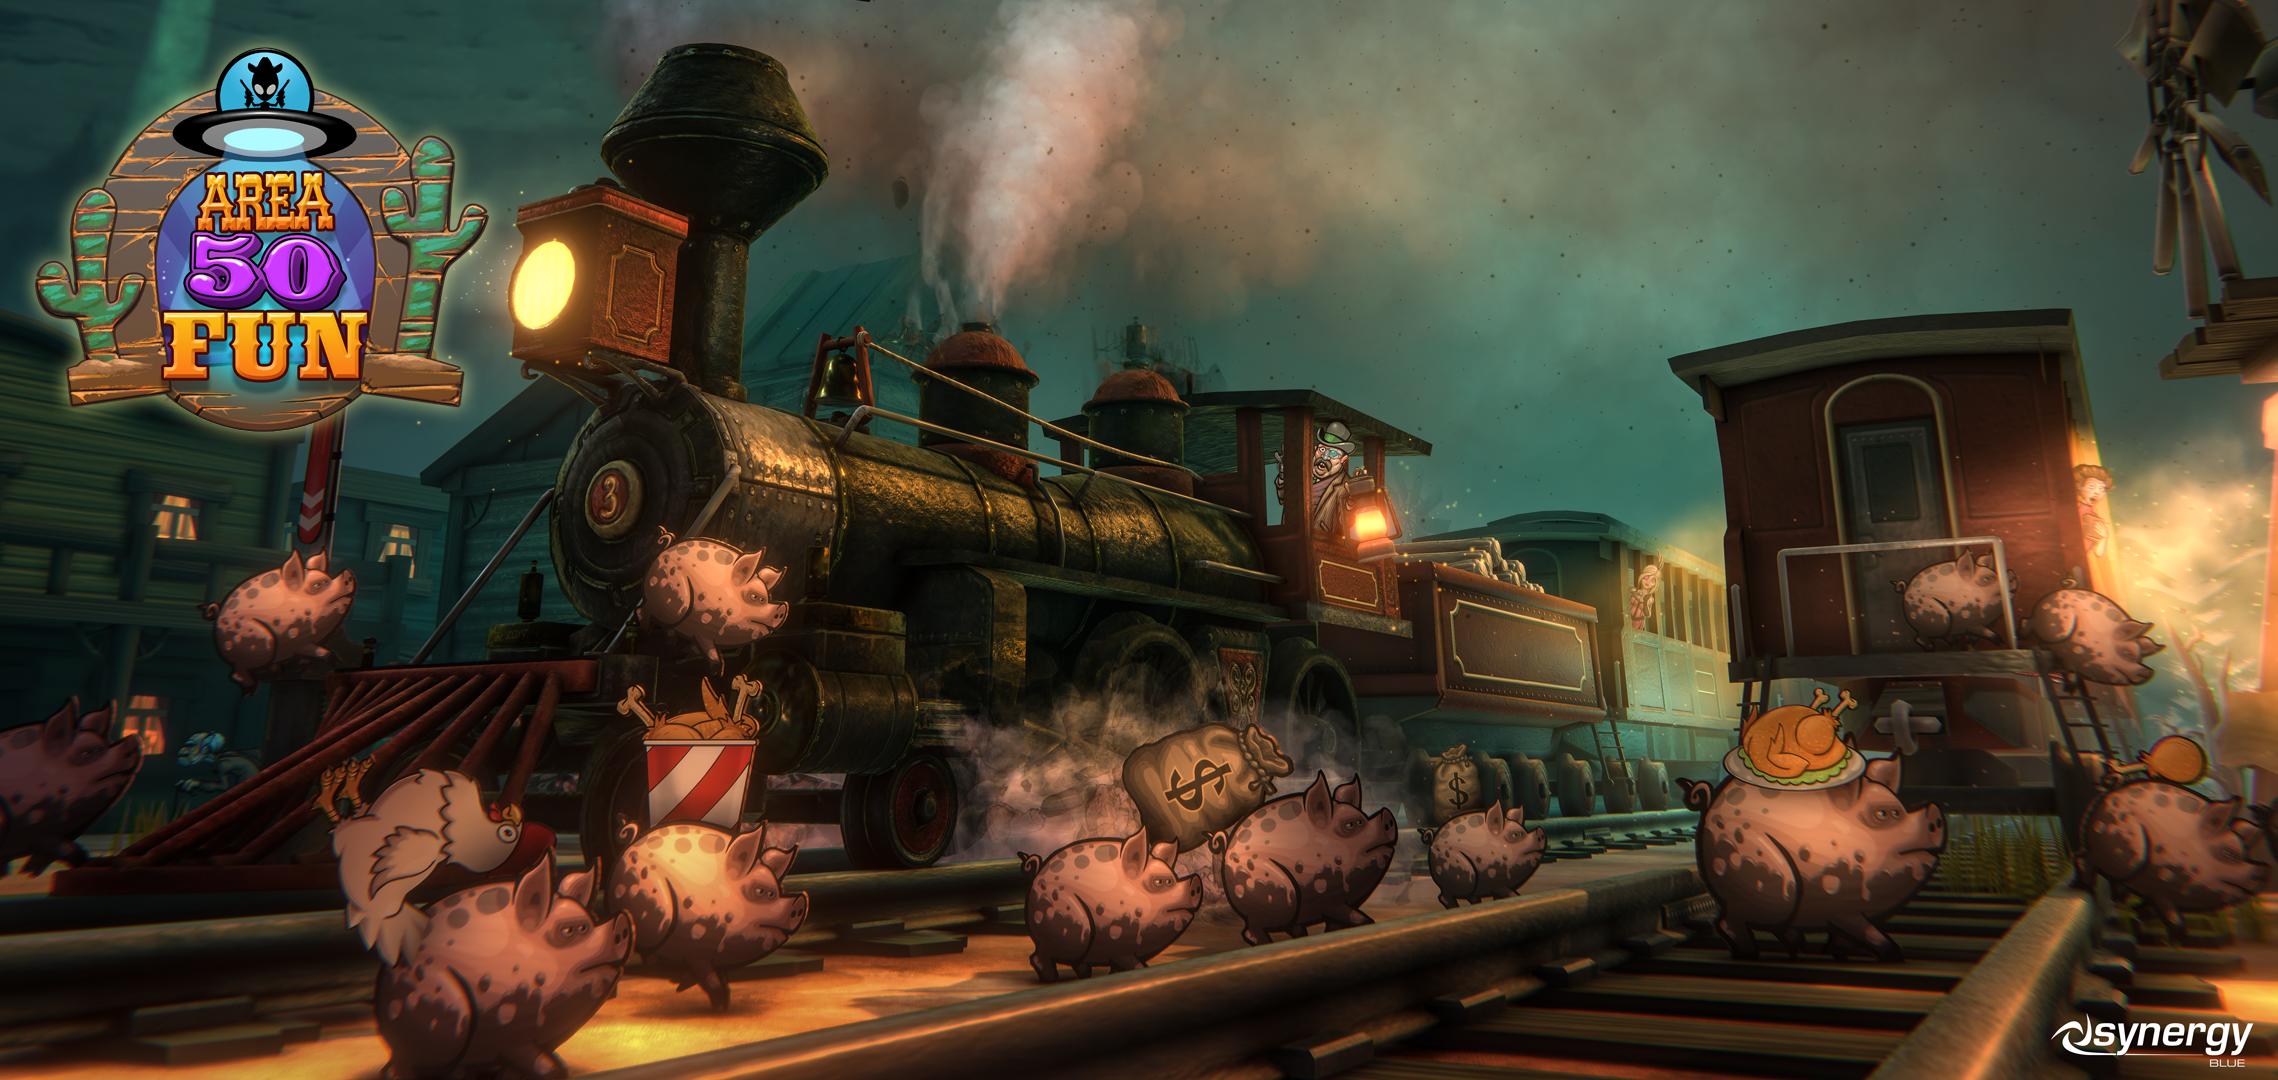 Area 50 Fun Railroad Scene